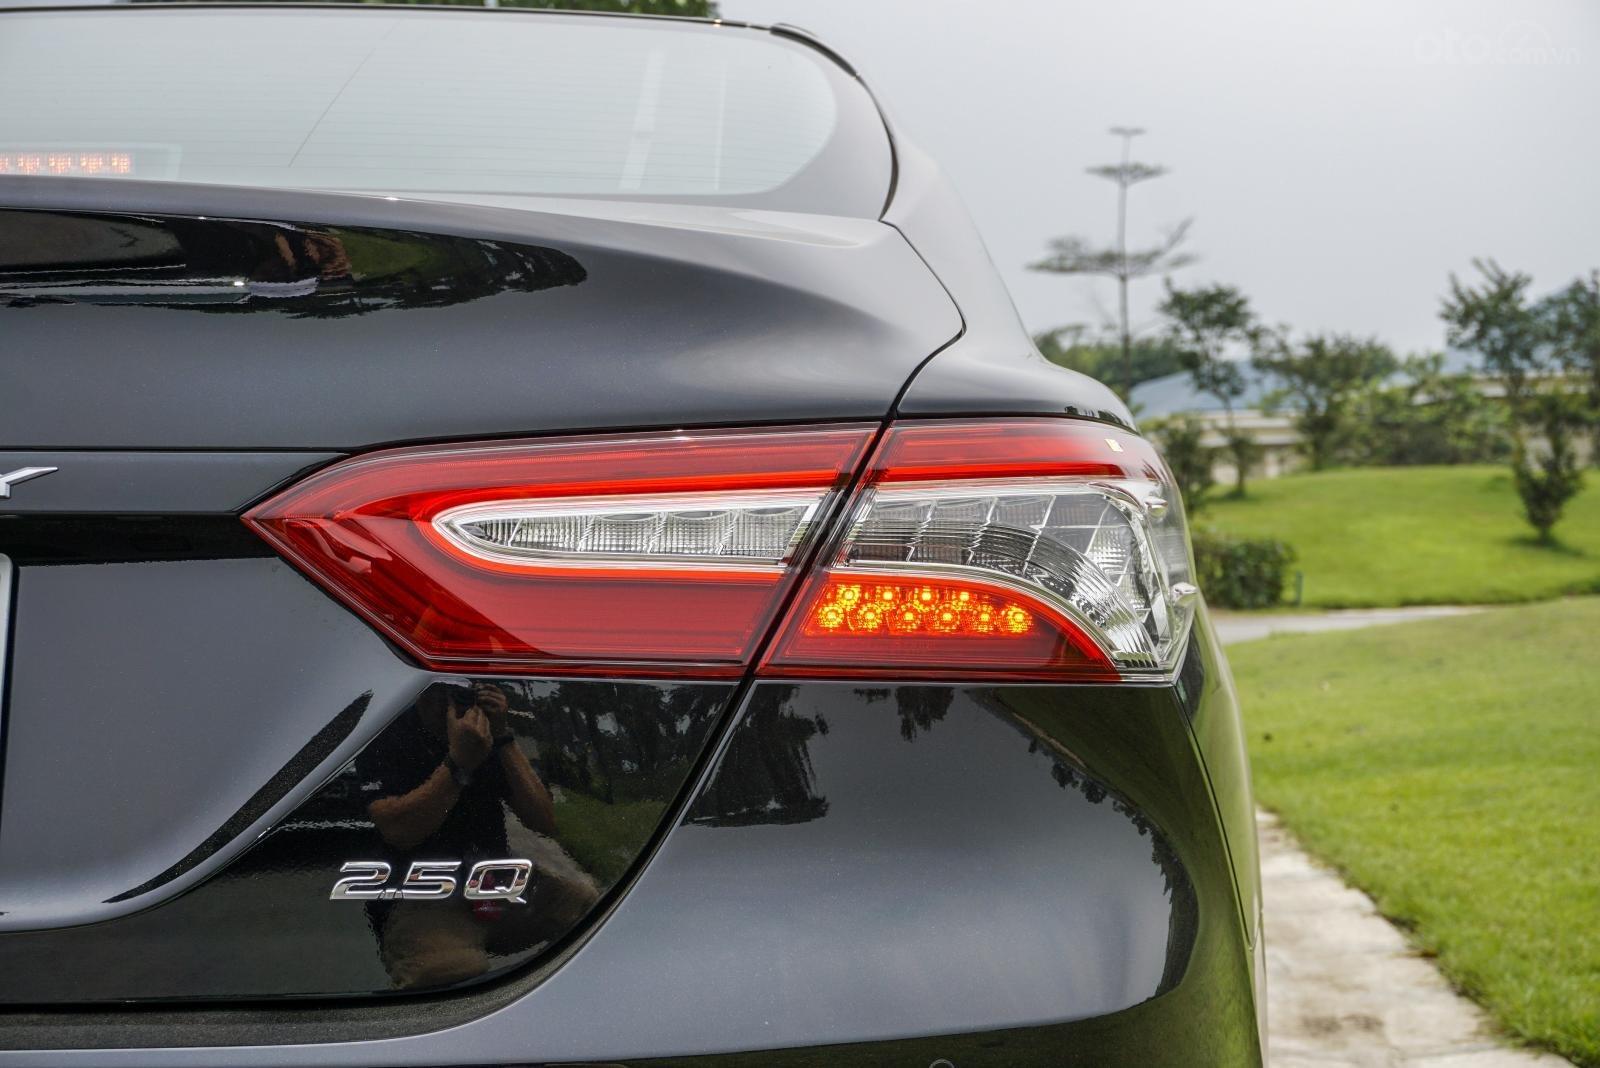 Toyota Camry 2.5Q 2019: Cụm đèn hậu dạng Full LED.